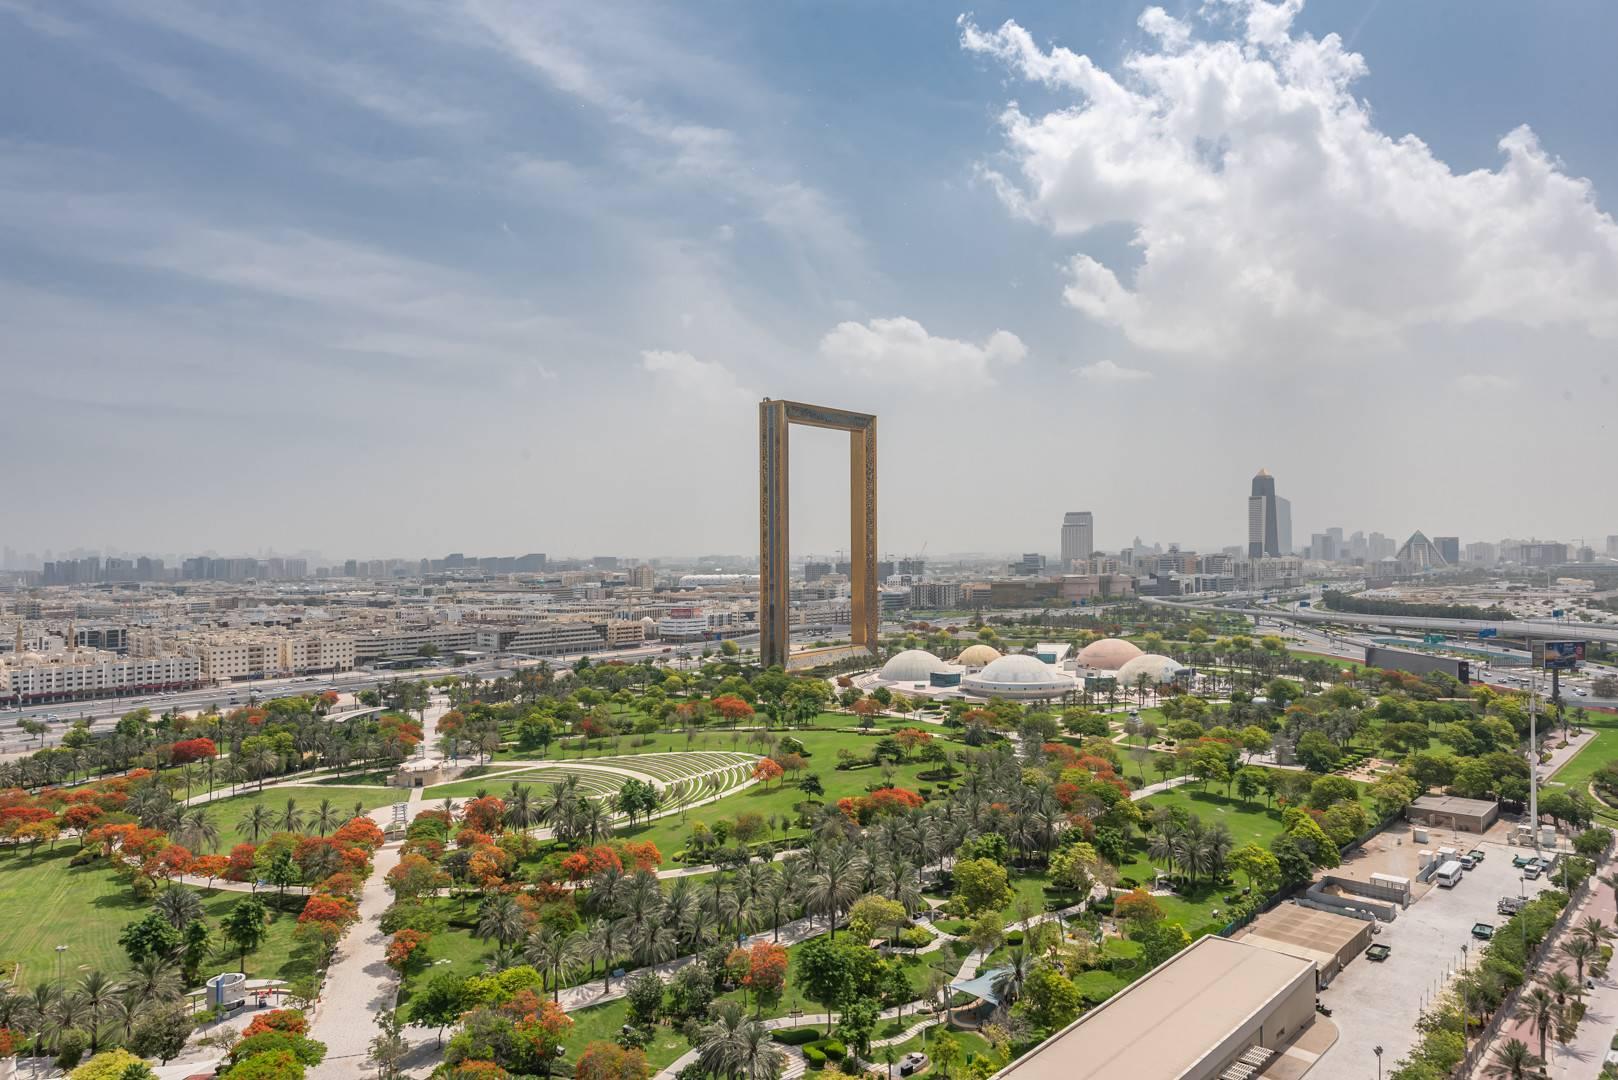 Апартаменты, sale в Park Gate Residences Дубай, ОАЭ